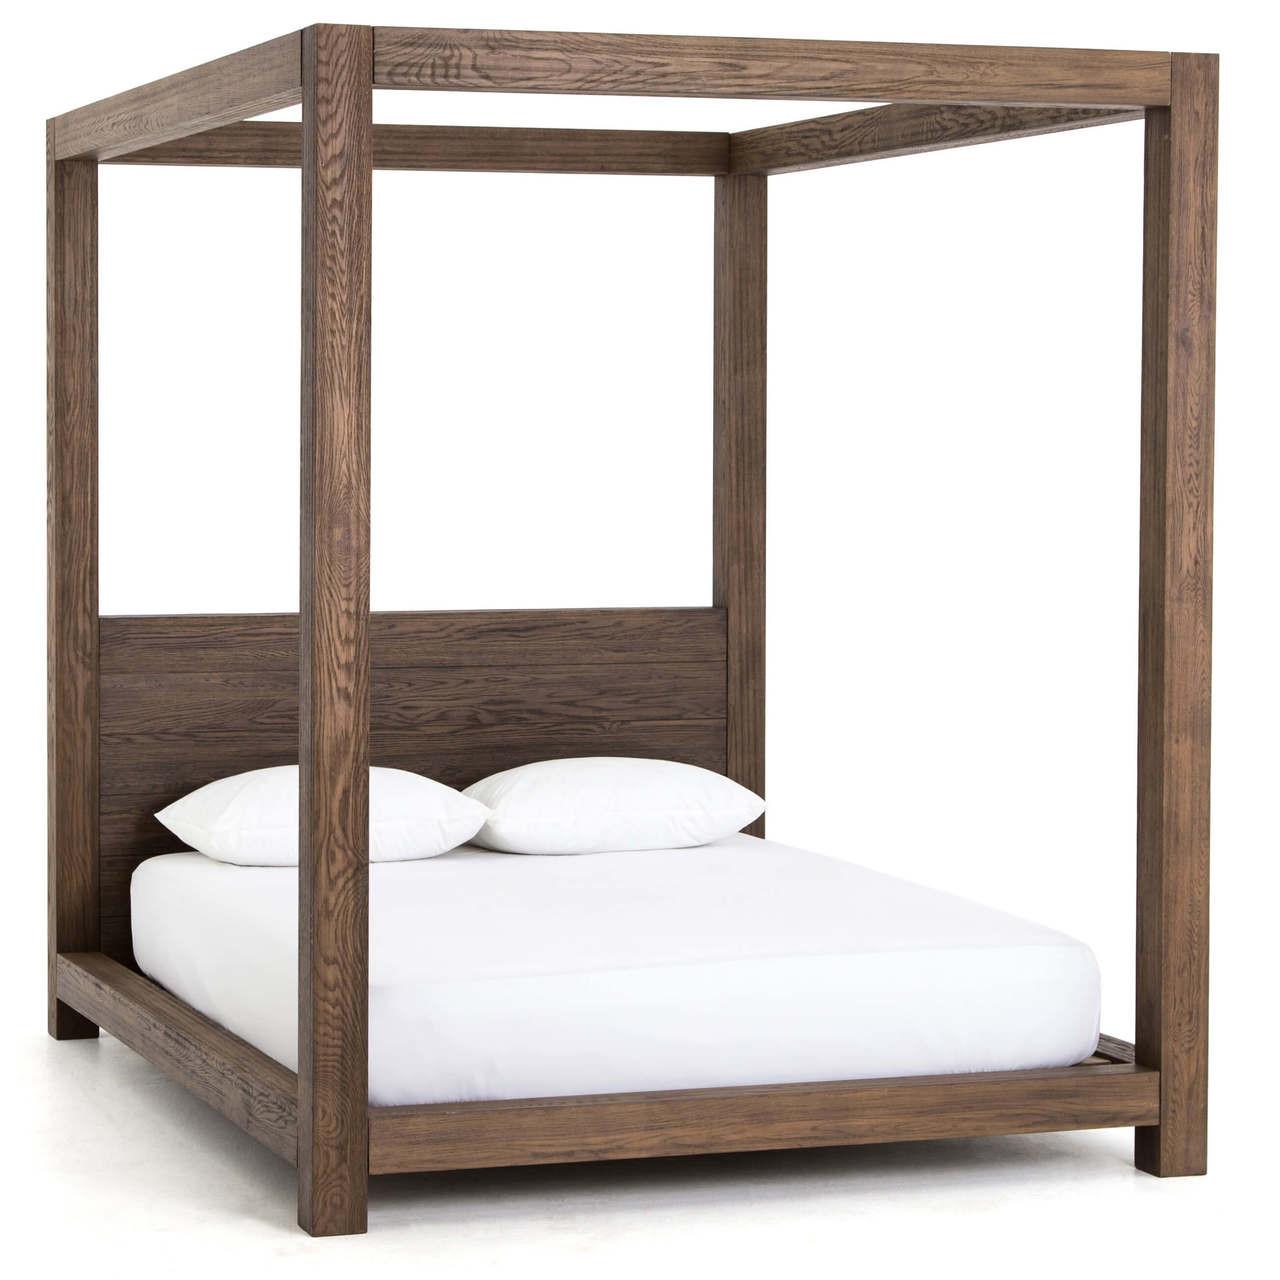 Williams Wood King Platform Canopy Bed Frame